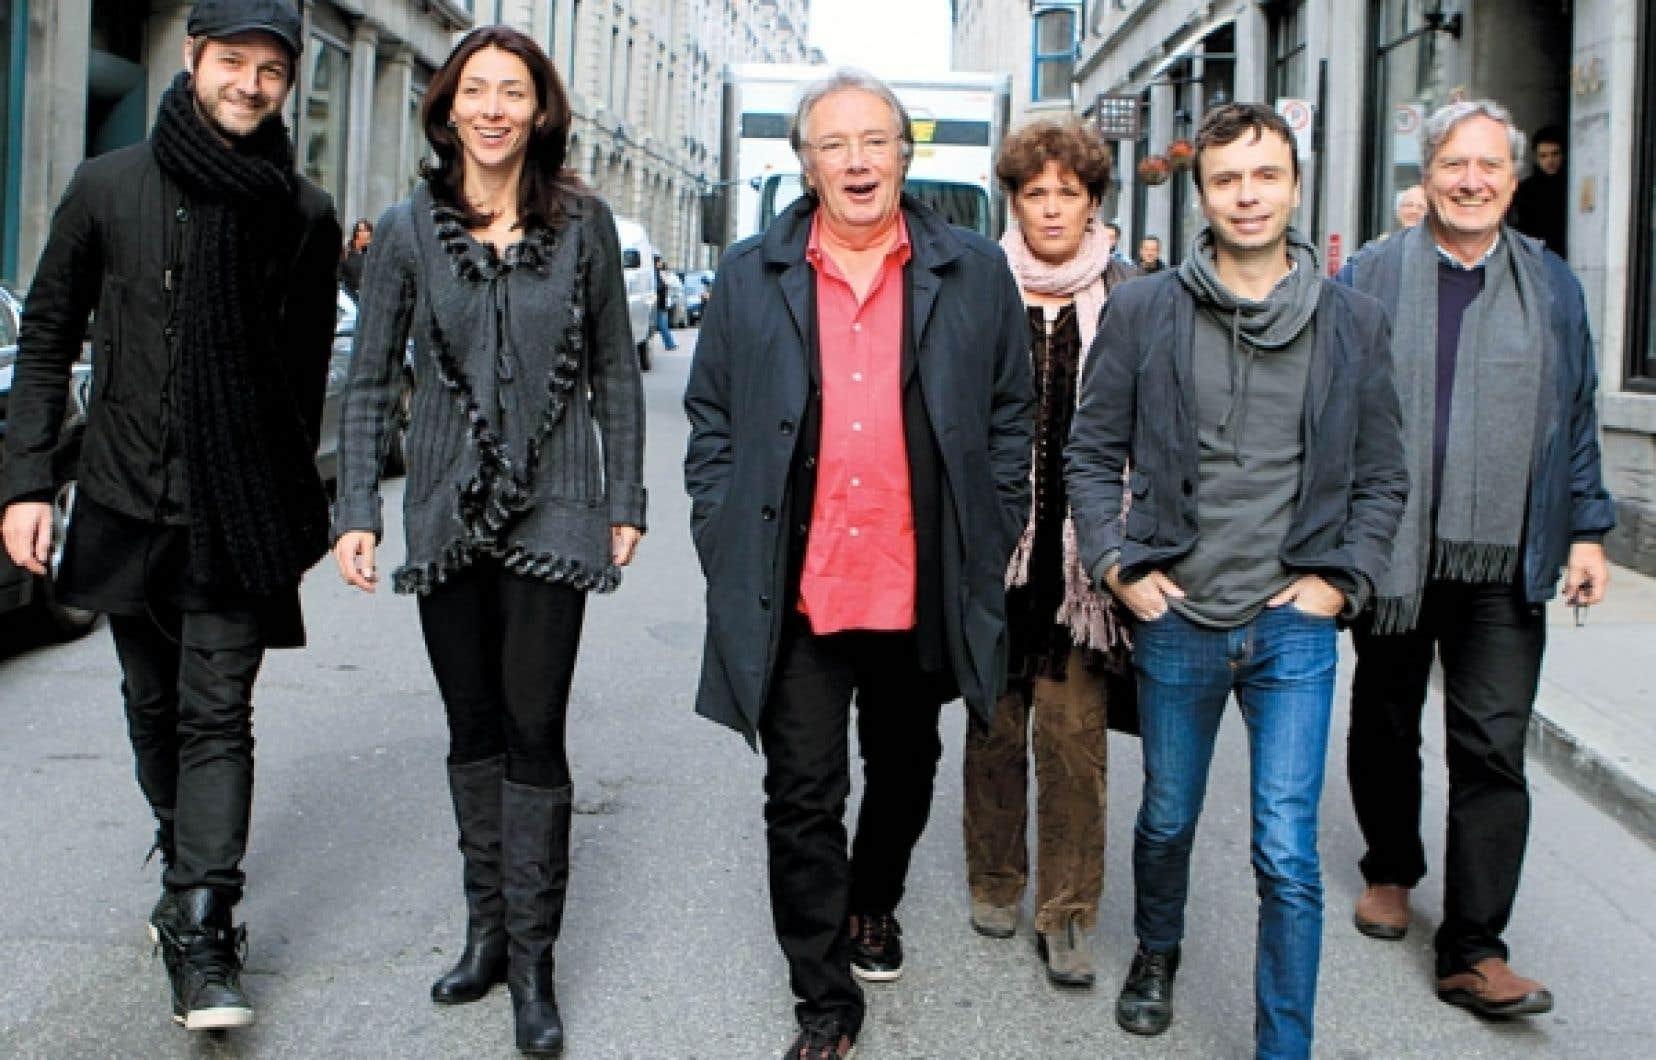 De gauche à droite: Pierre Lapointe, l'un des signataires de la musique du film, les acteurs Nathalie Cavezzali et Gilbert Sicotte, Bernadette Payeur, productrice, le réalisateur Sébastien Pilote et le producteur Marc Daigle.